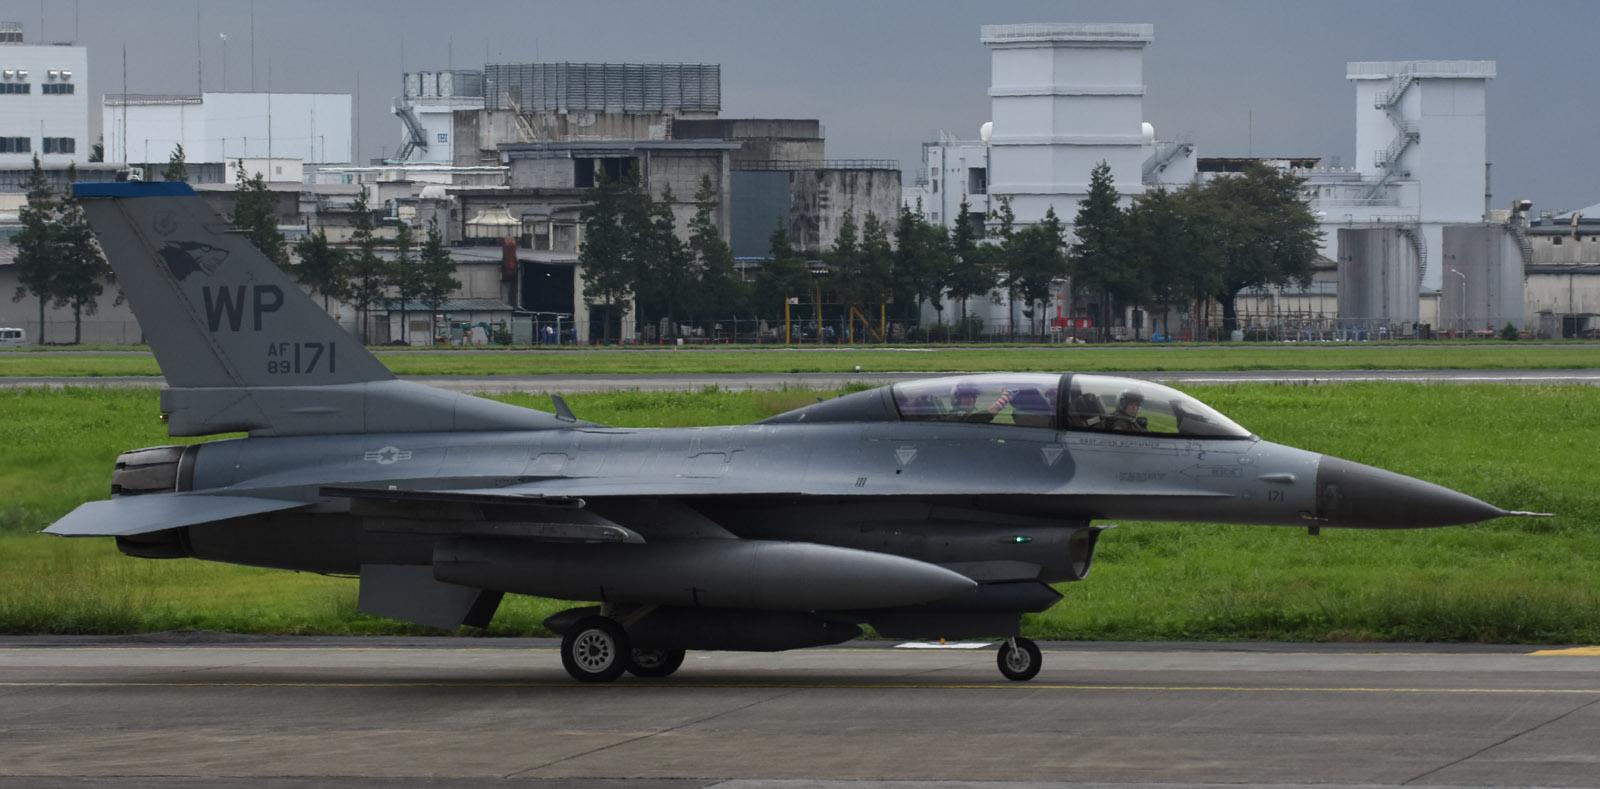 F16dm180914g888